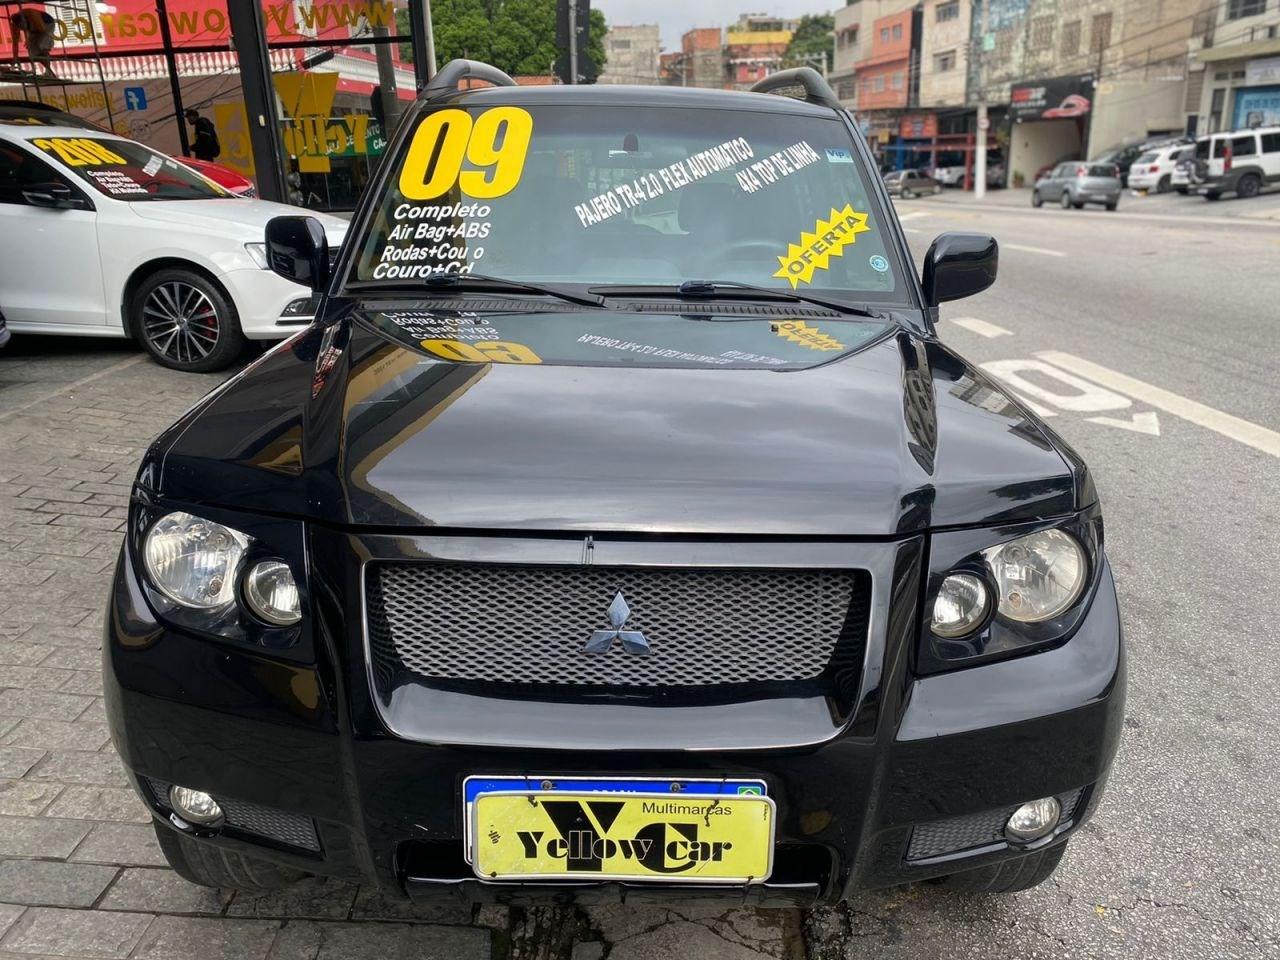 //www.autoline.com.br/carro/mitsubishi/pajero-tr4-20-16v-flex-4p-4x4-automatico/2009/sao-paulo-sp/15827771